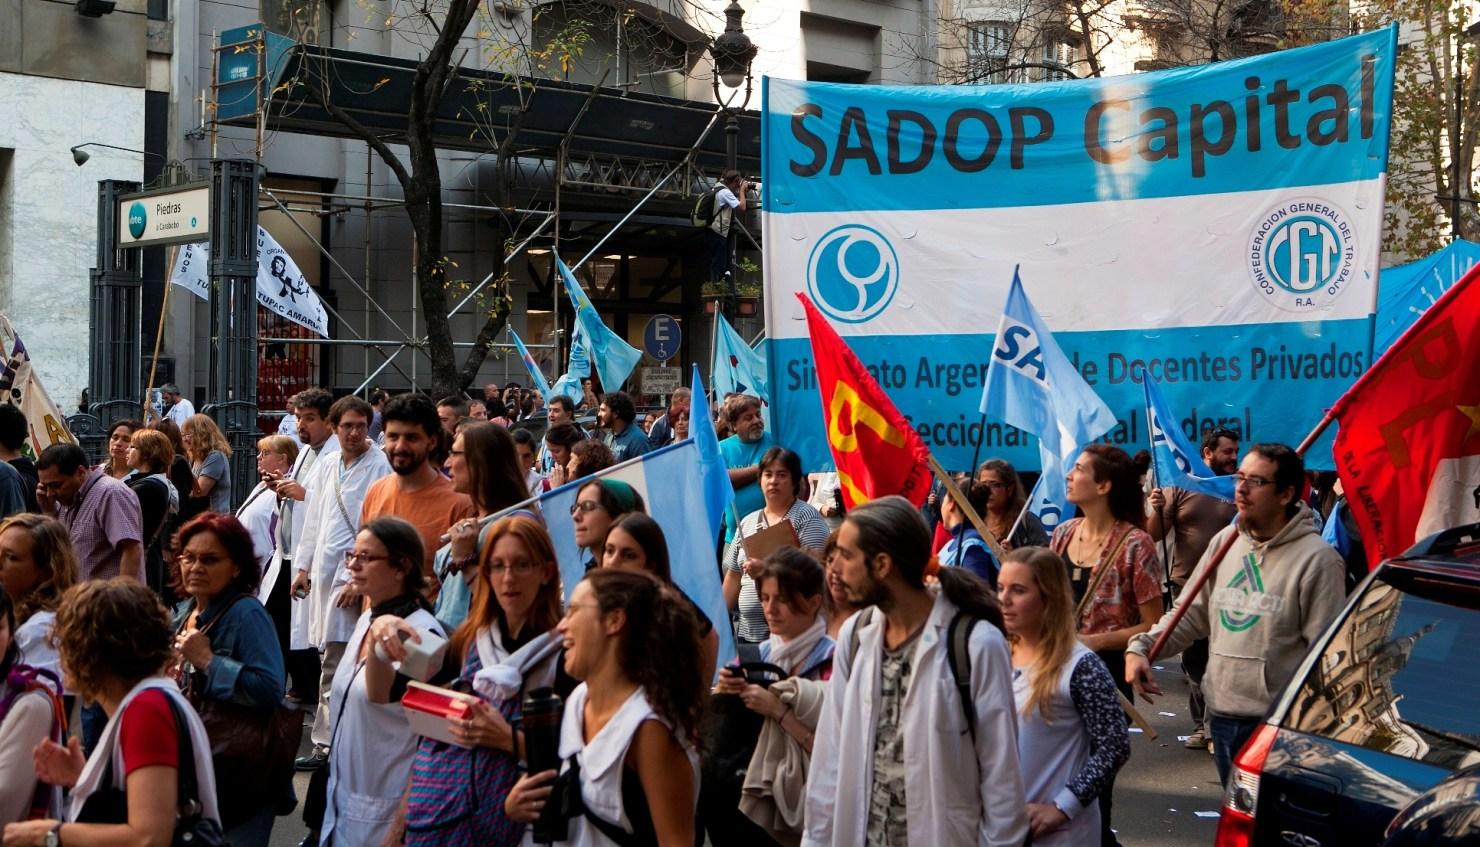 El Sadop Capital rechazó el protocolo para volver a las escuelas